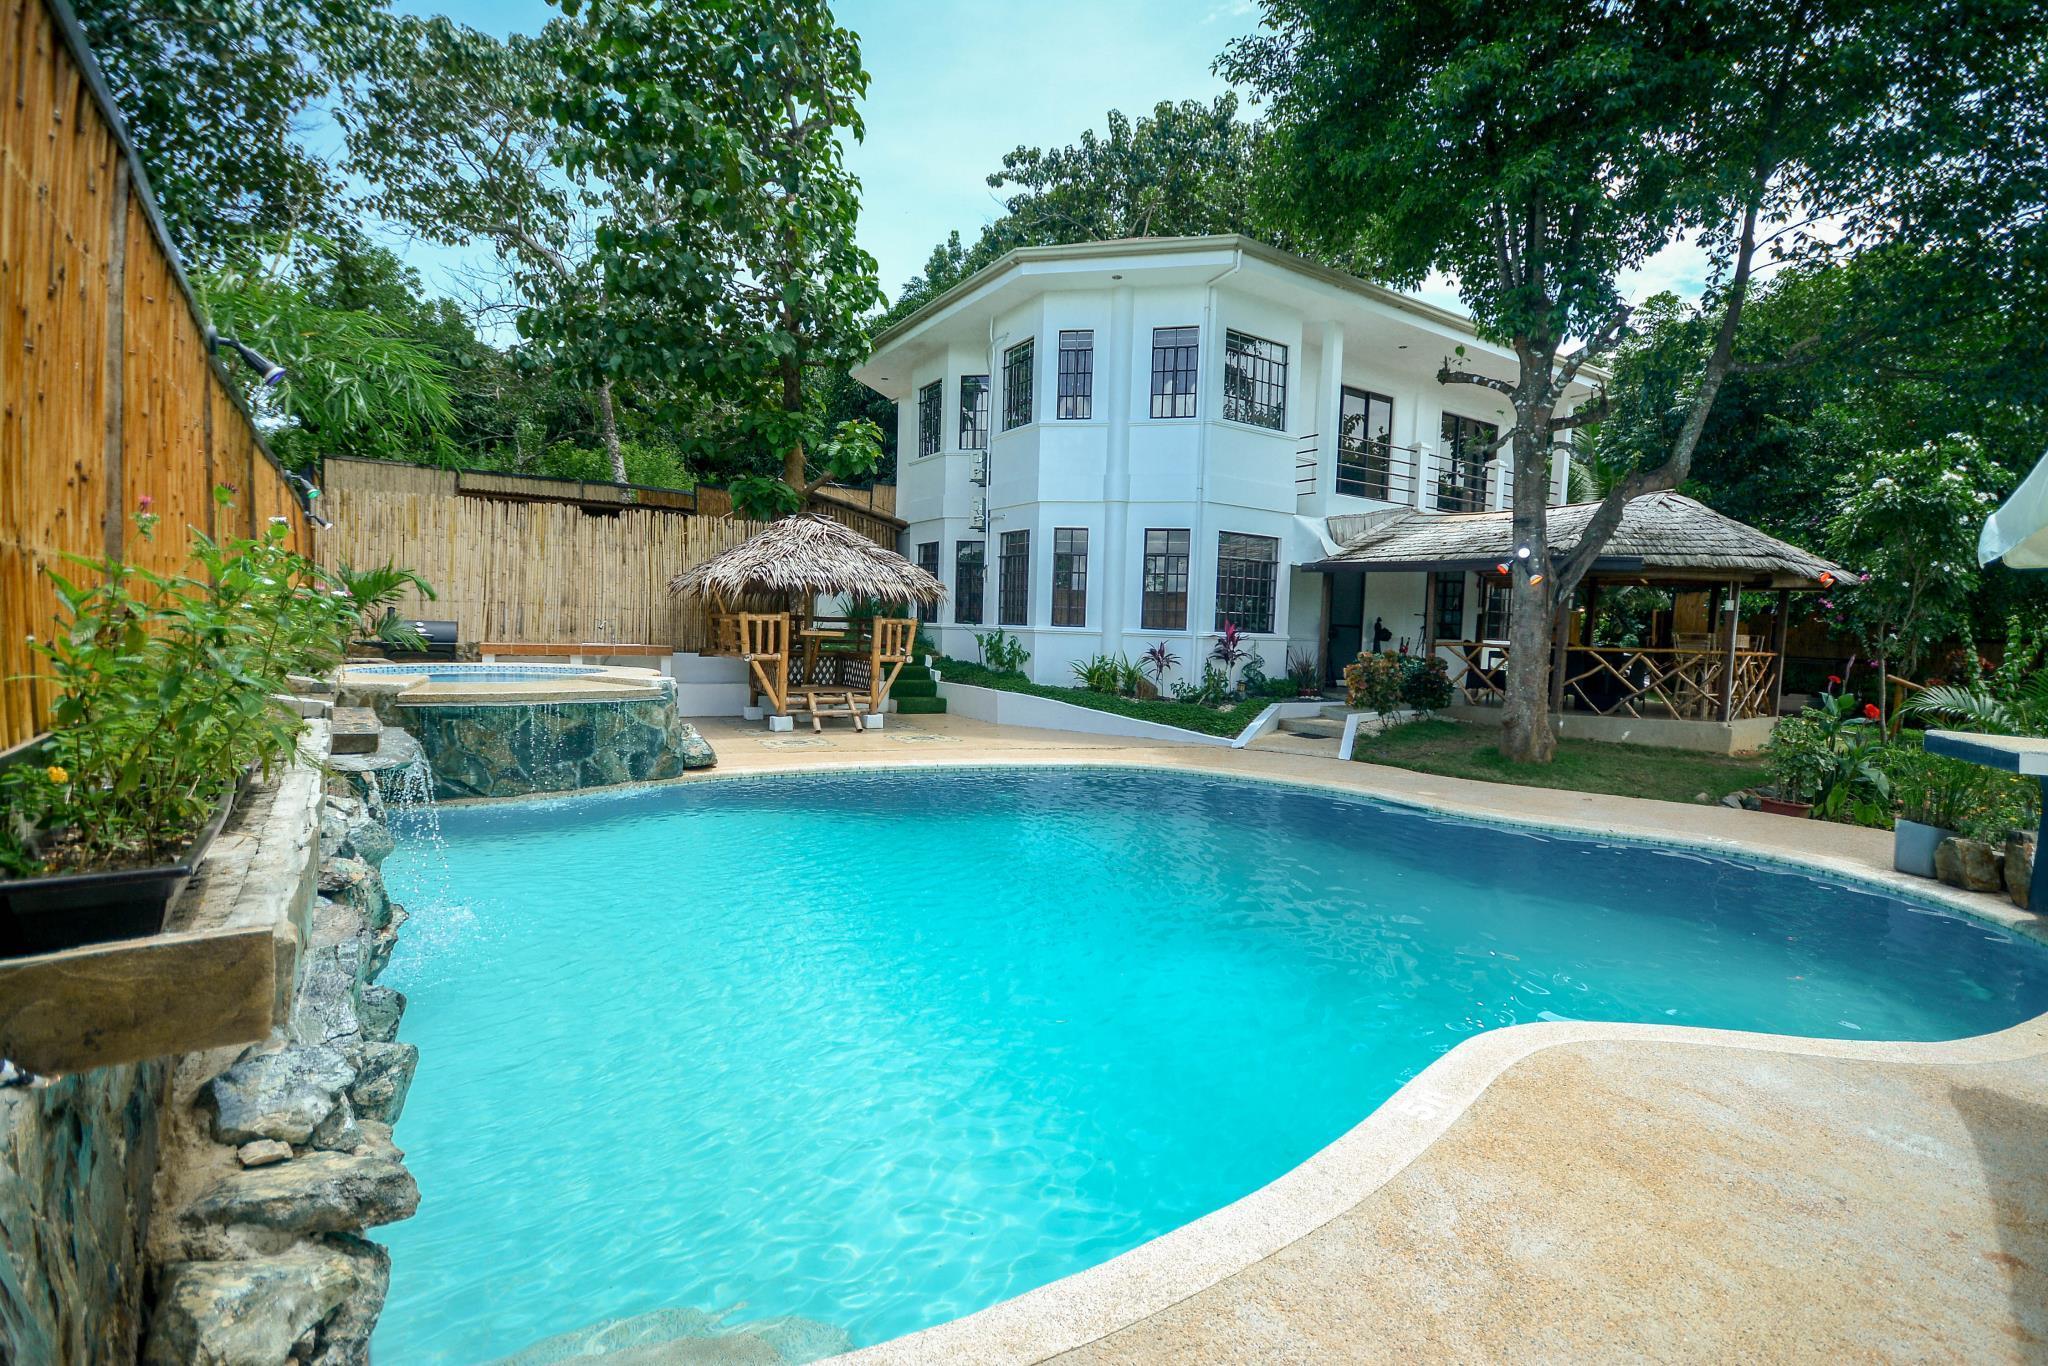 Hilltop Pool And Villa